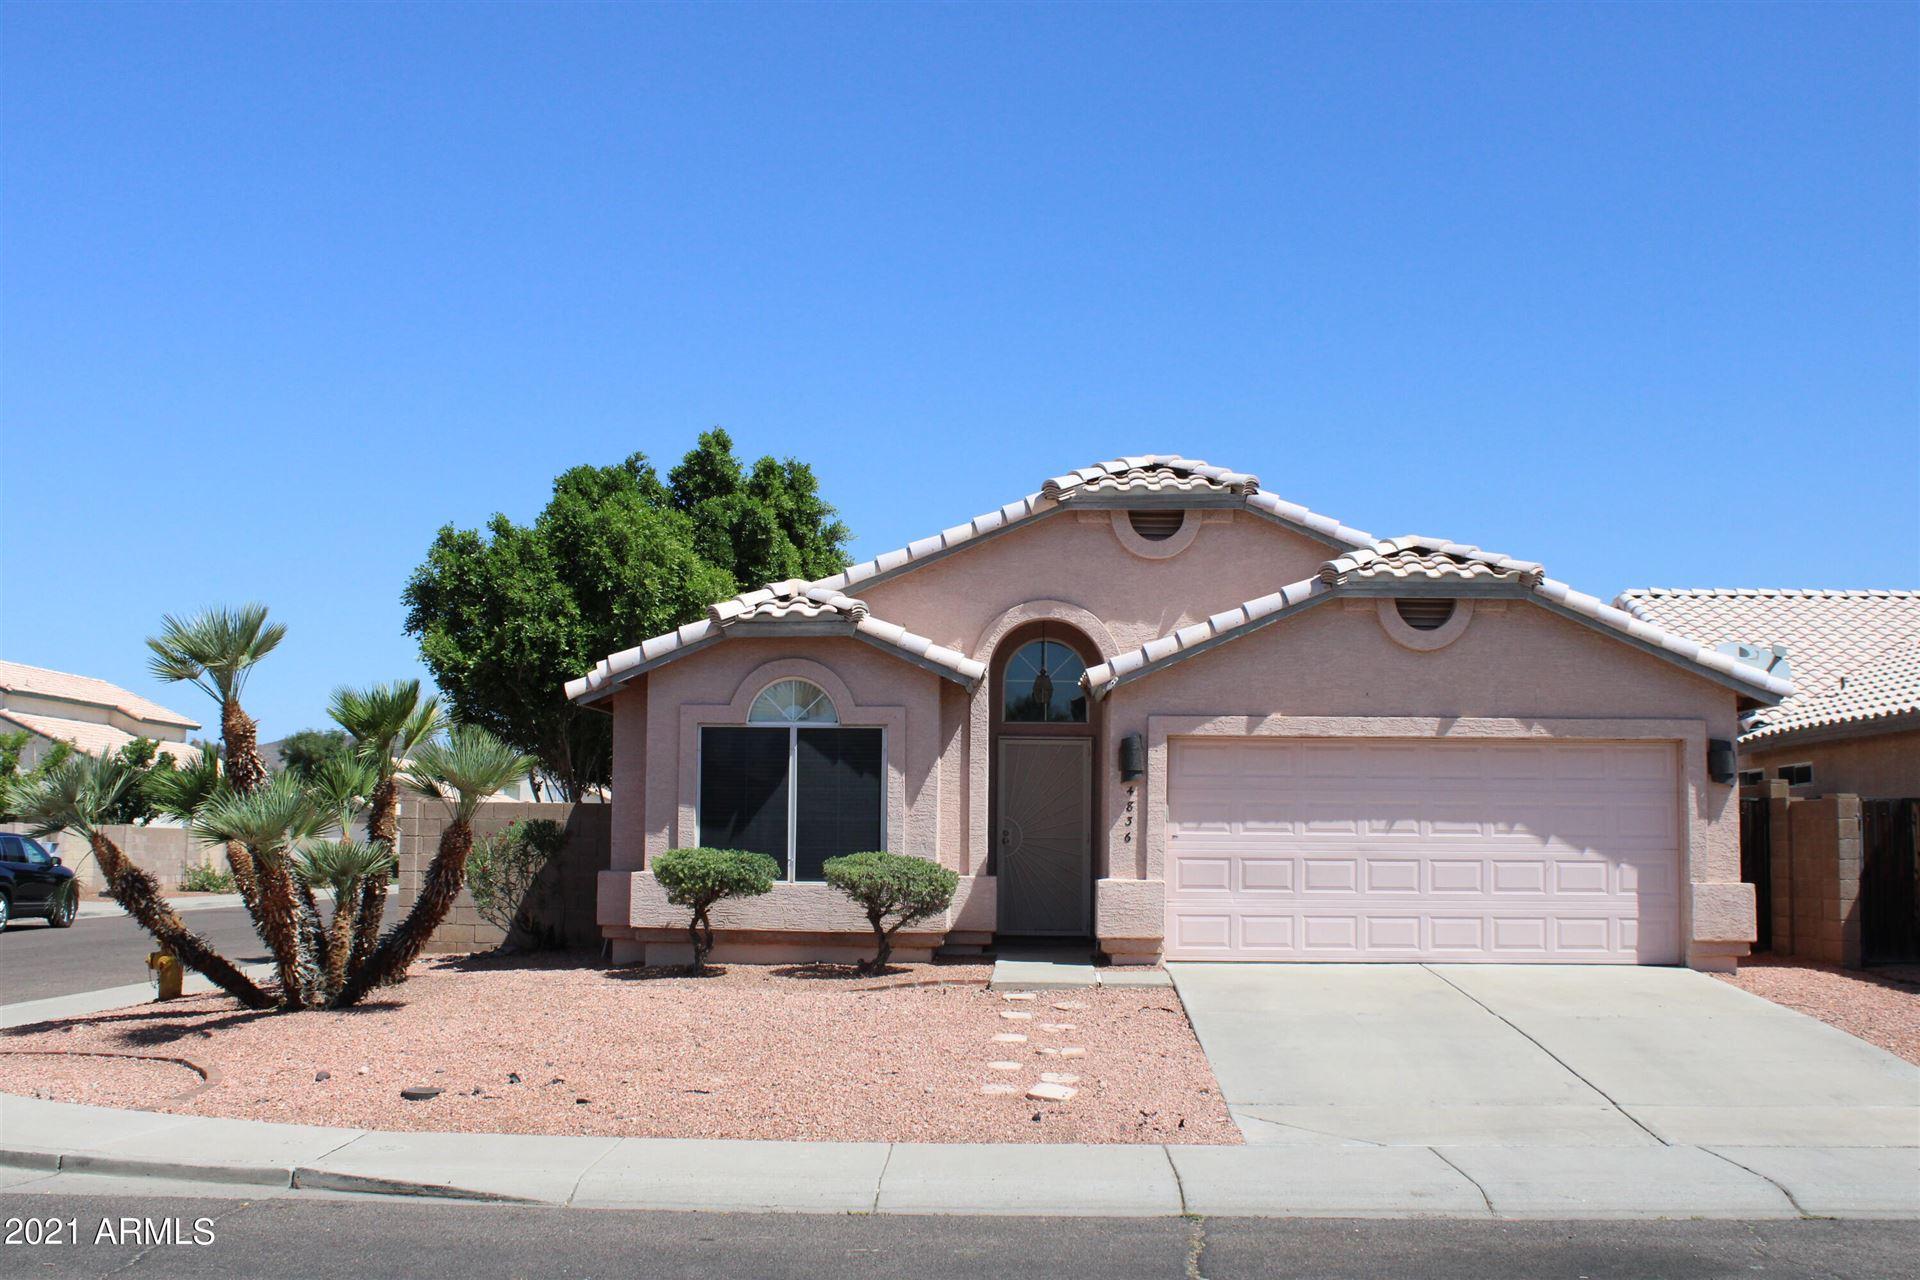 4836 W TOPEKA Drive, Glendale, AZ 85308 - MLS#: 6232486